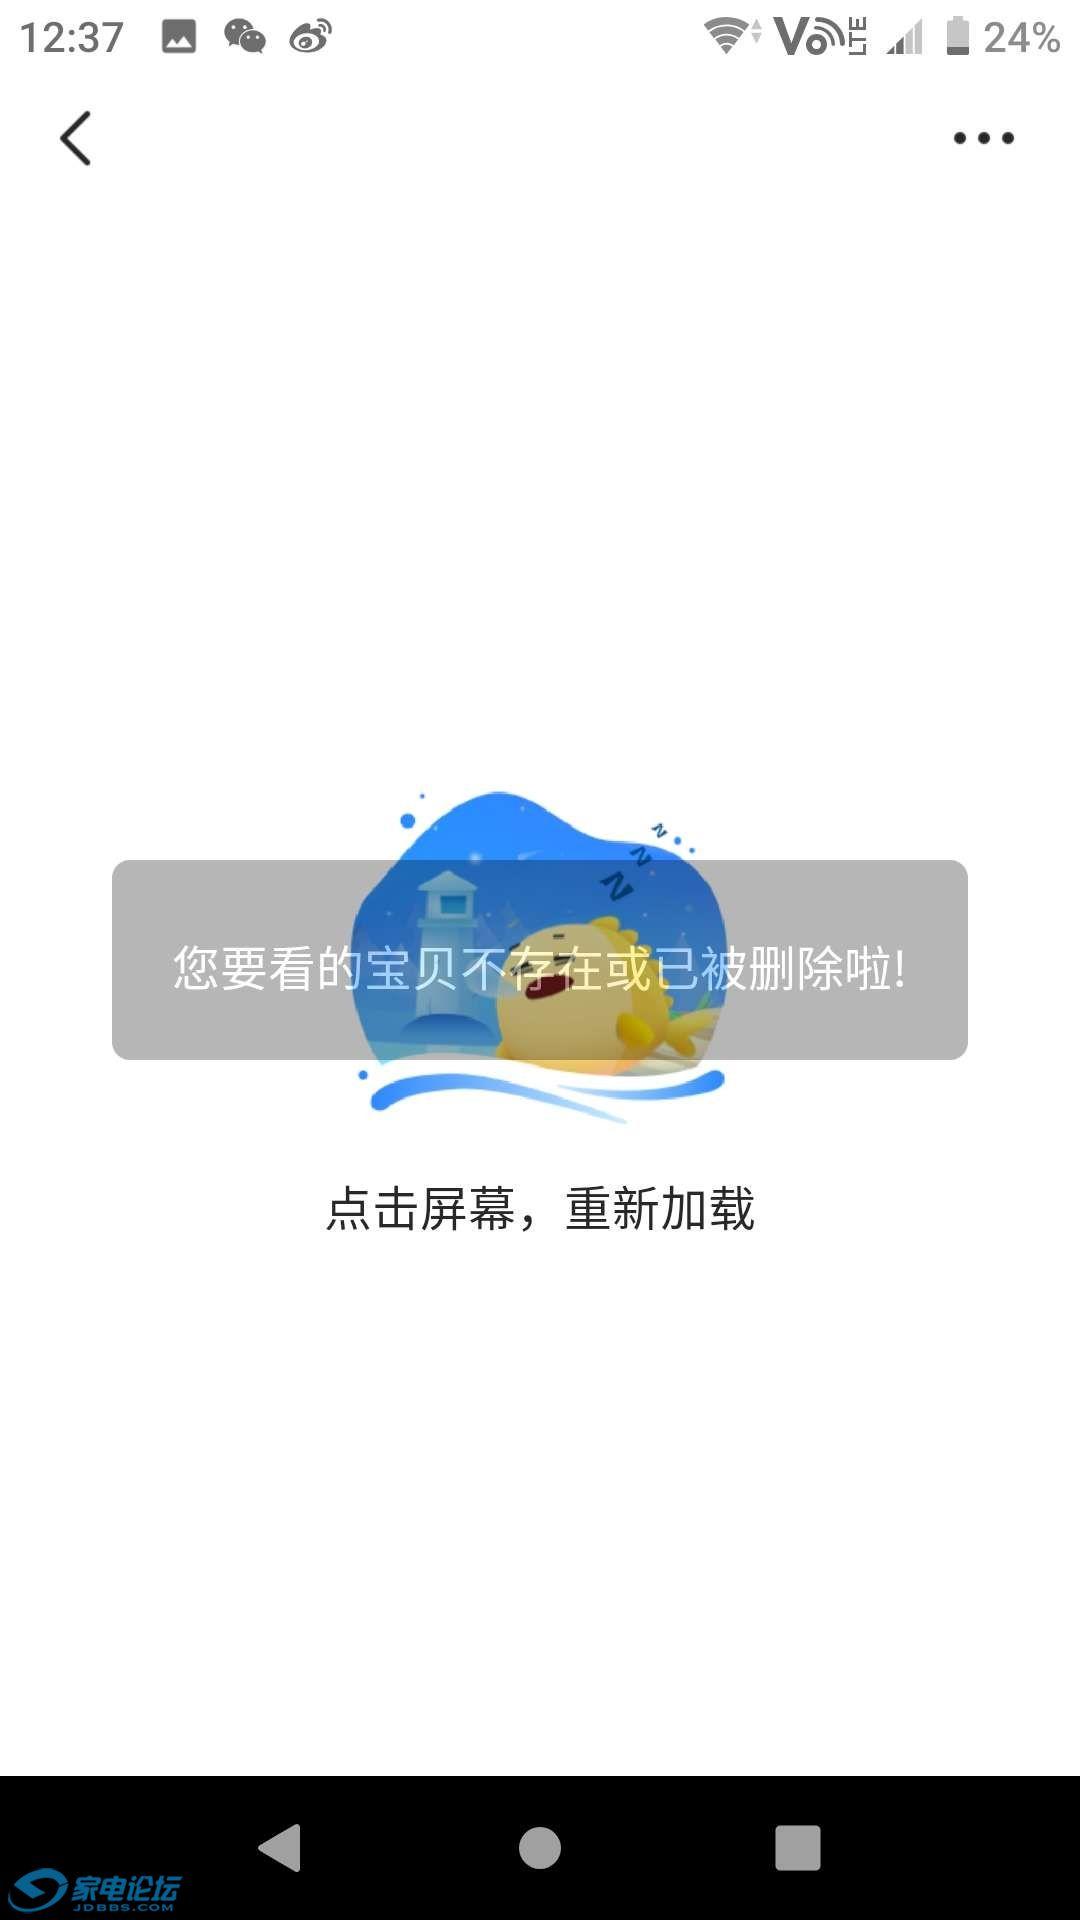 微信图片_20200224125701.jpg